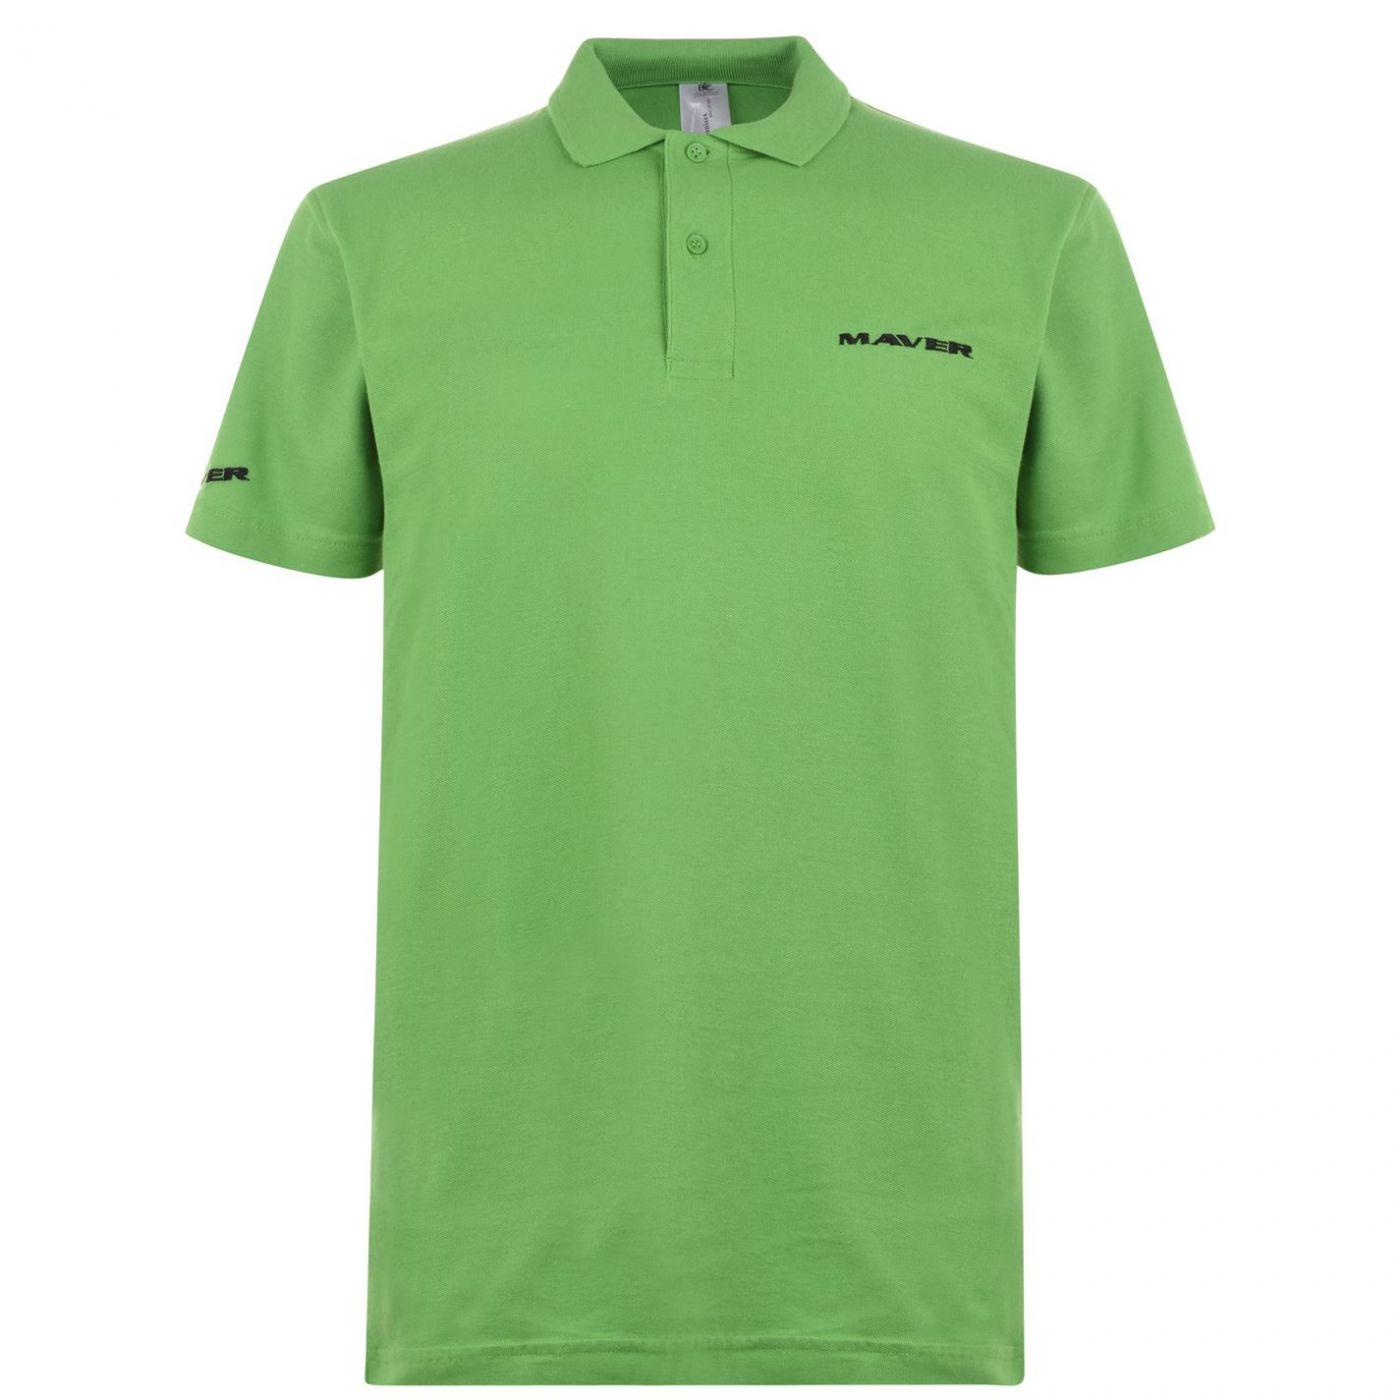 Maver Polo Shirt Men's